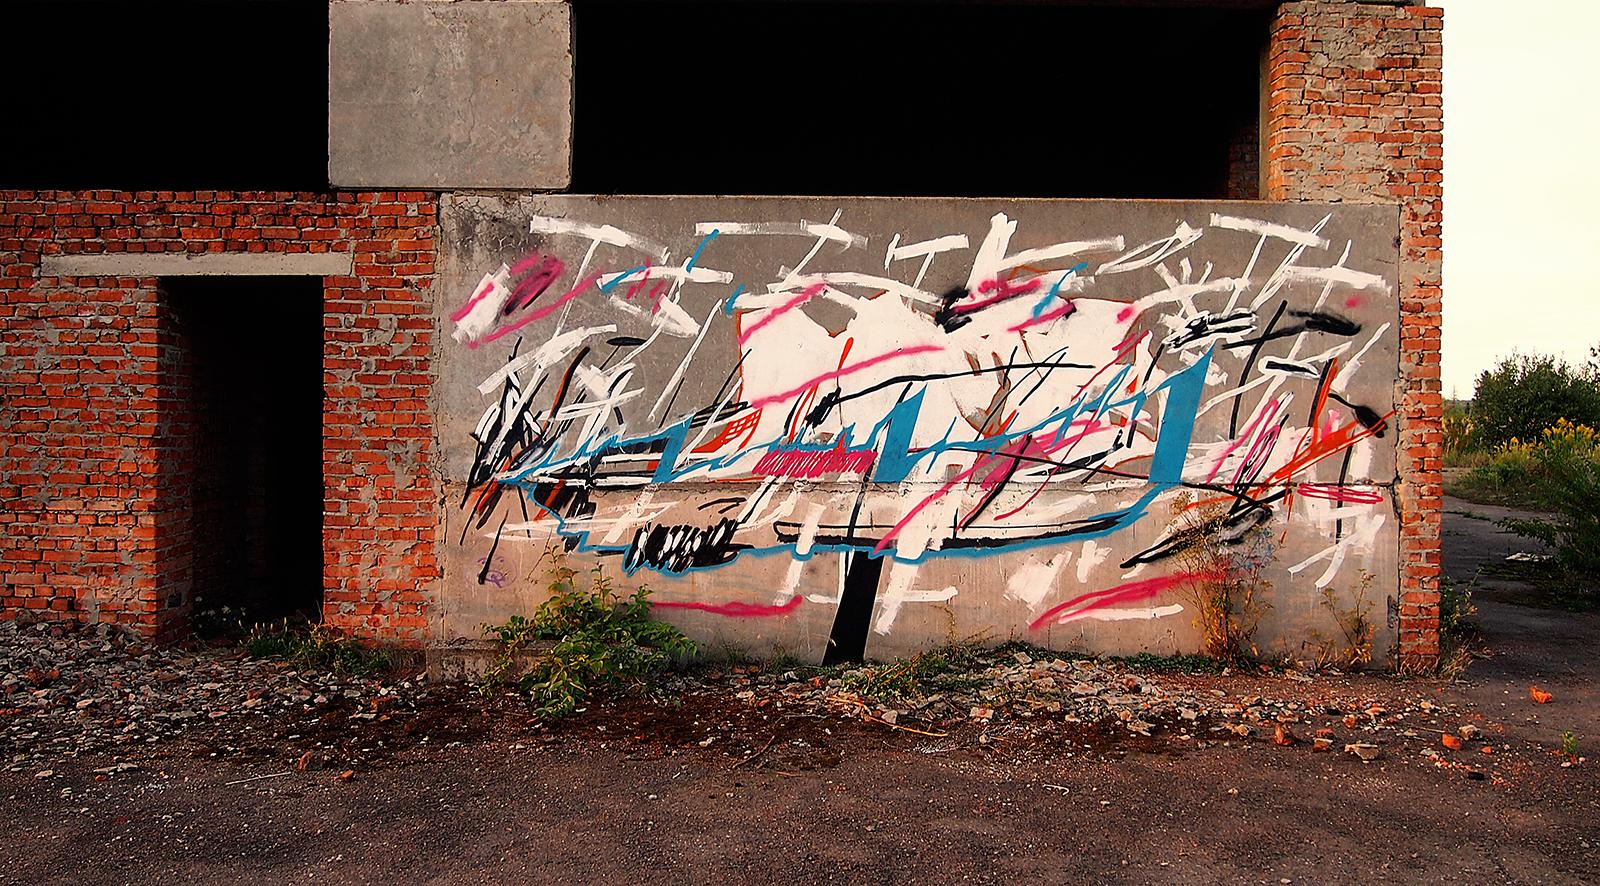 dima-andry-kalkov-blazej-rusin-new-mural